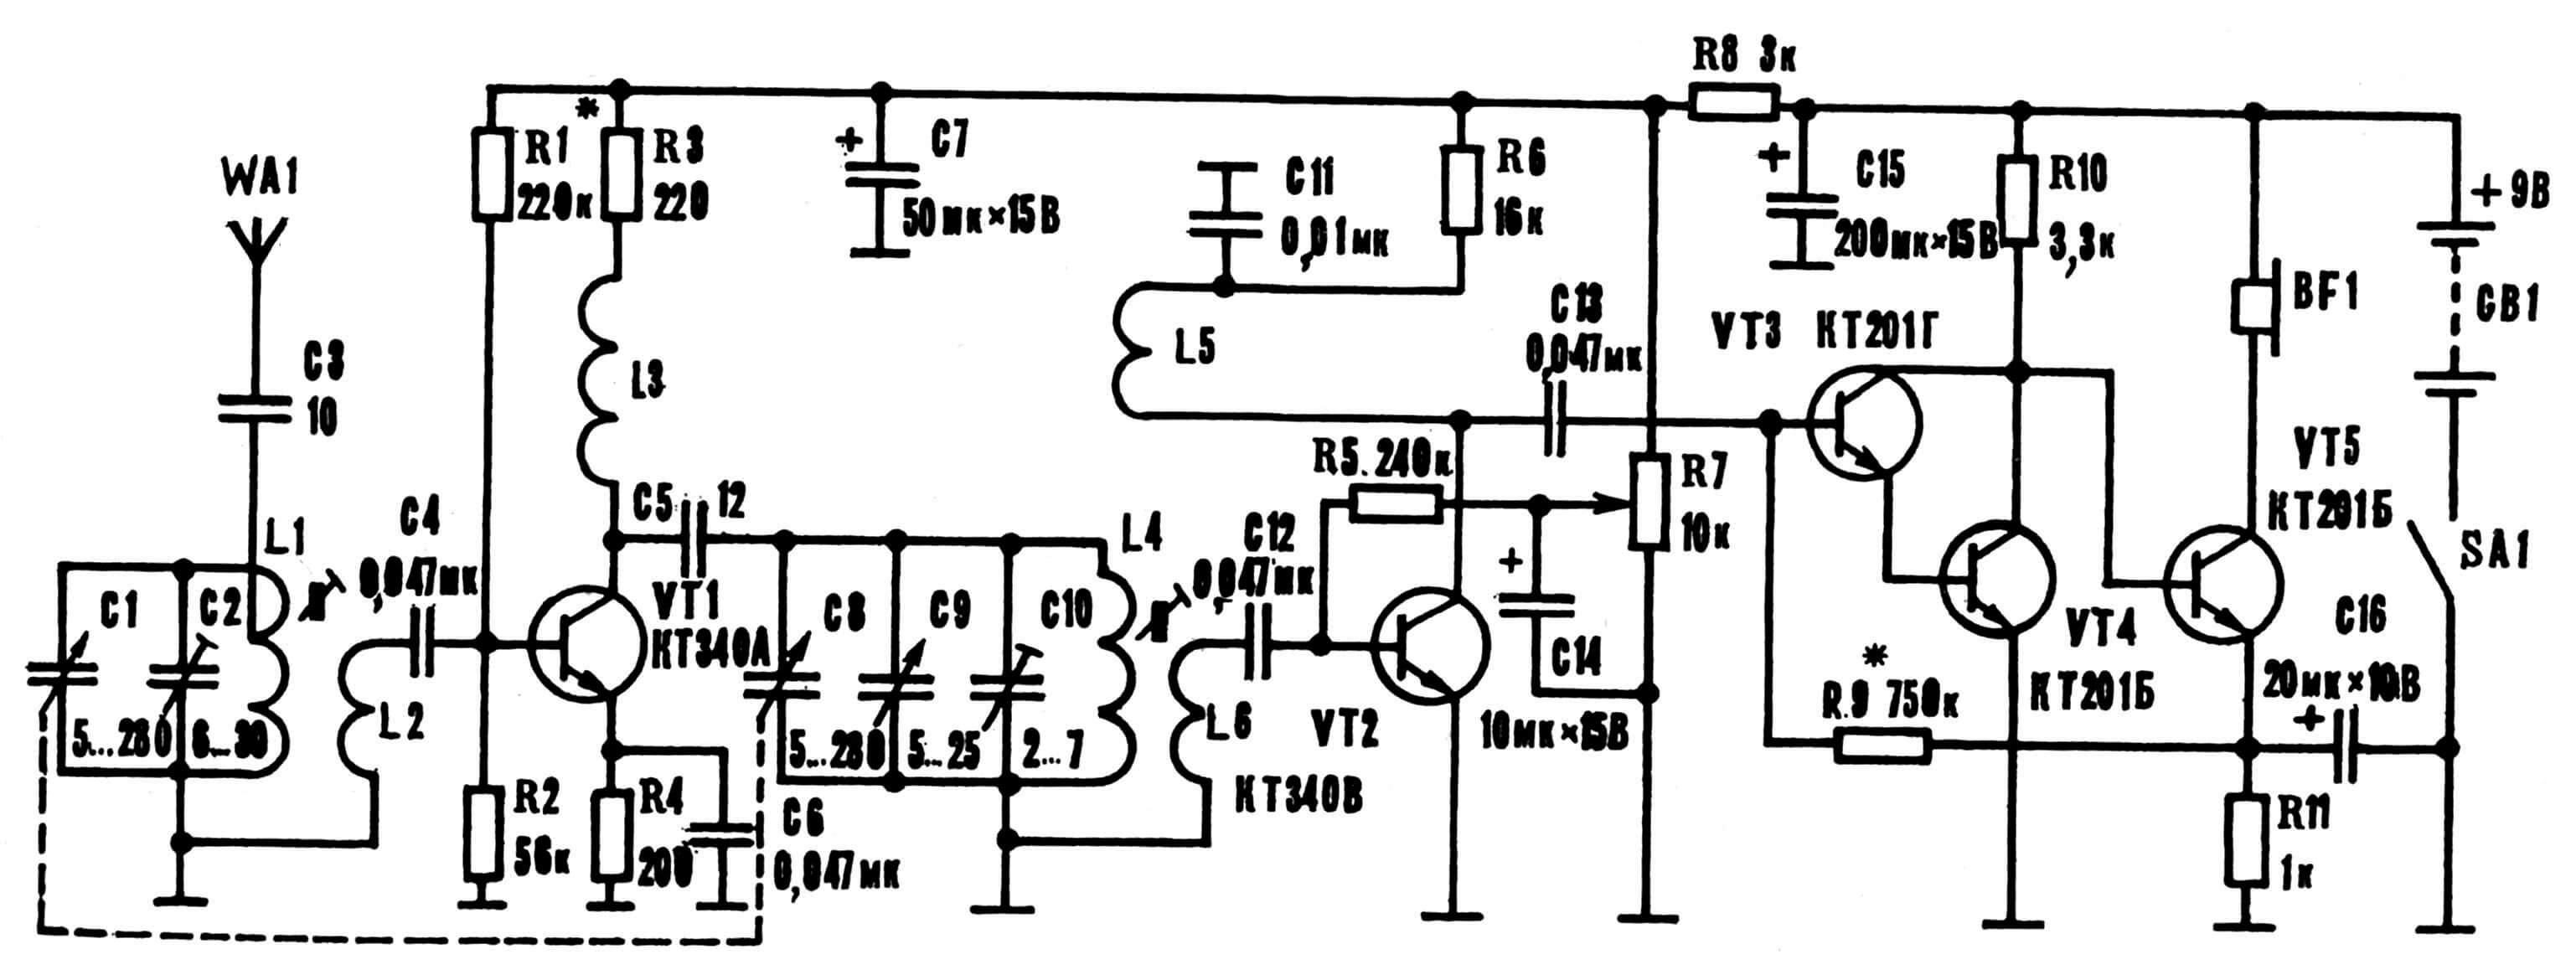 Рис. 2. Принципиальная электрическая схема самодельного коротковолнового приемника-регенератора.